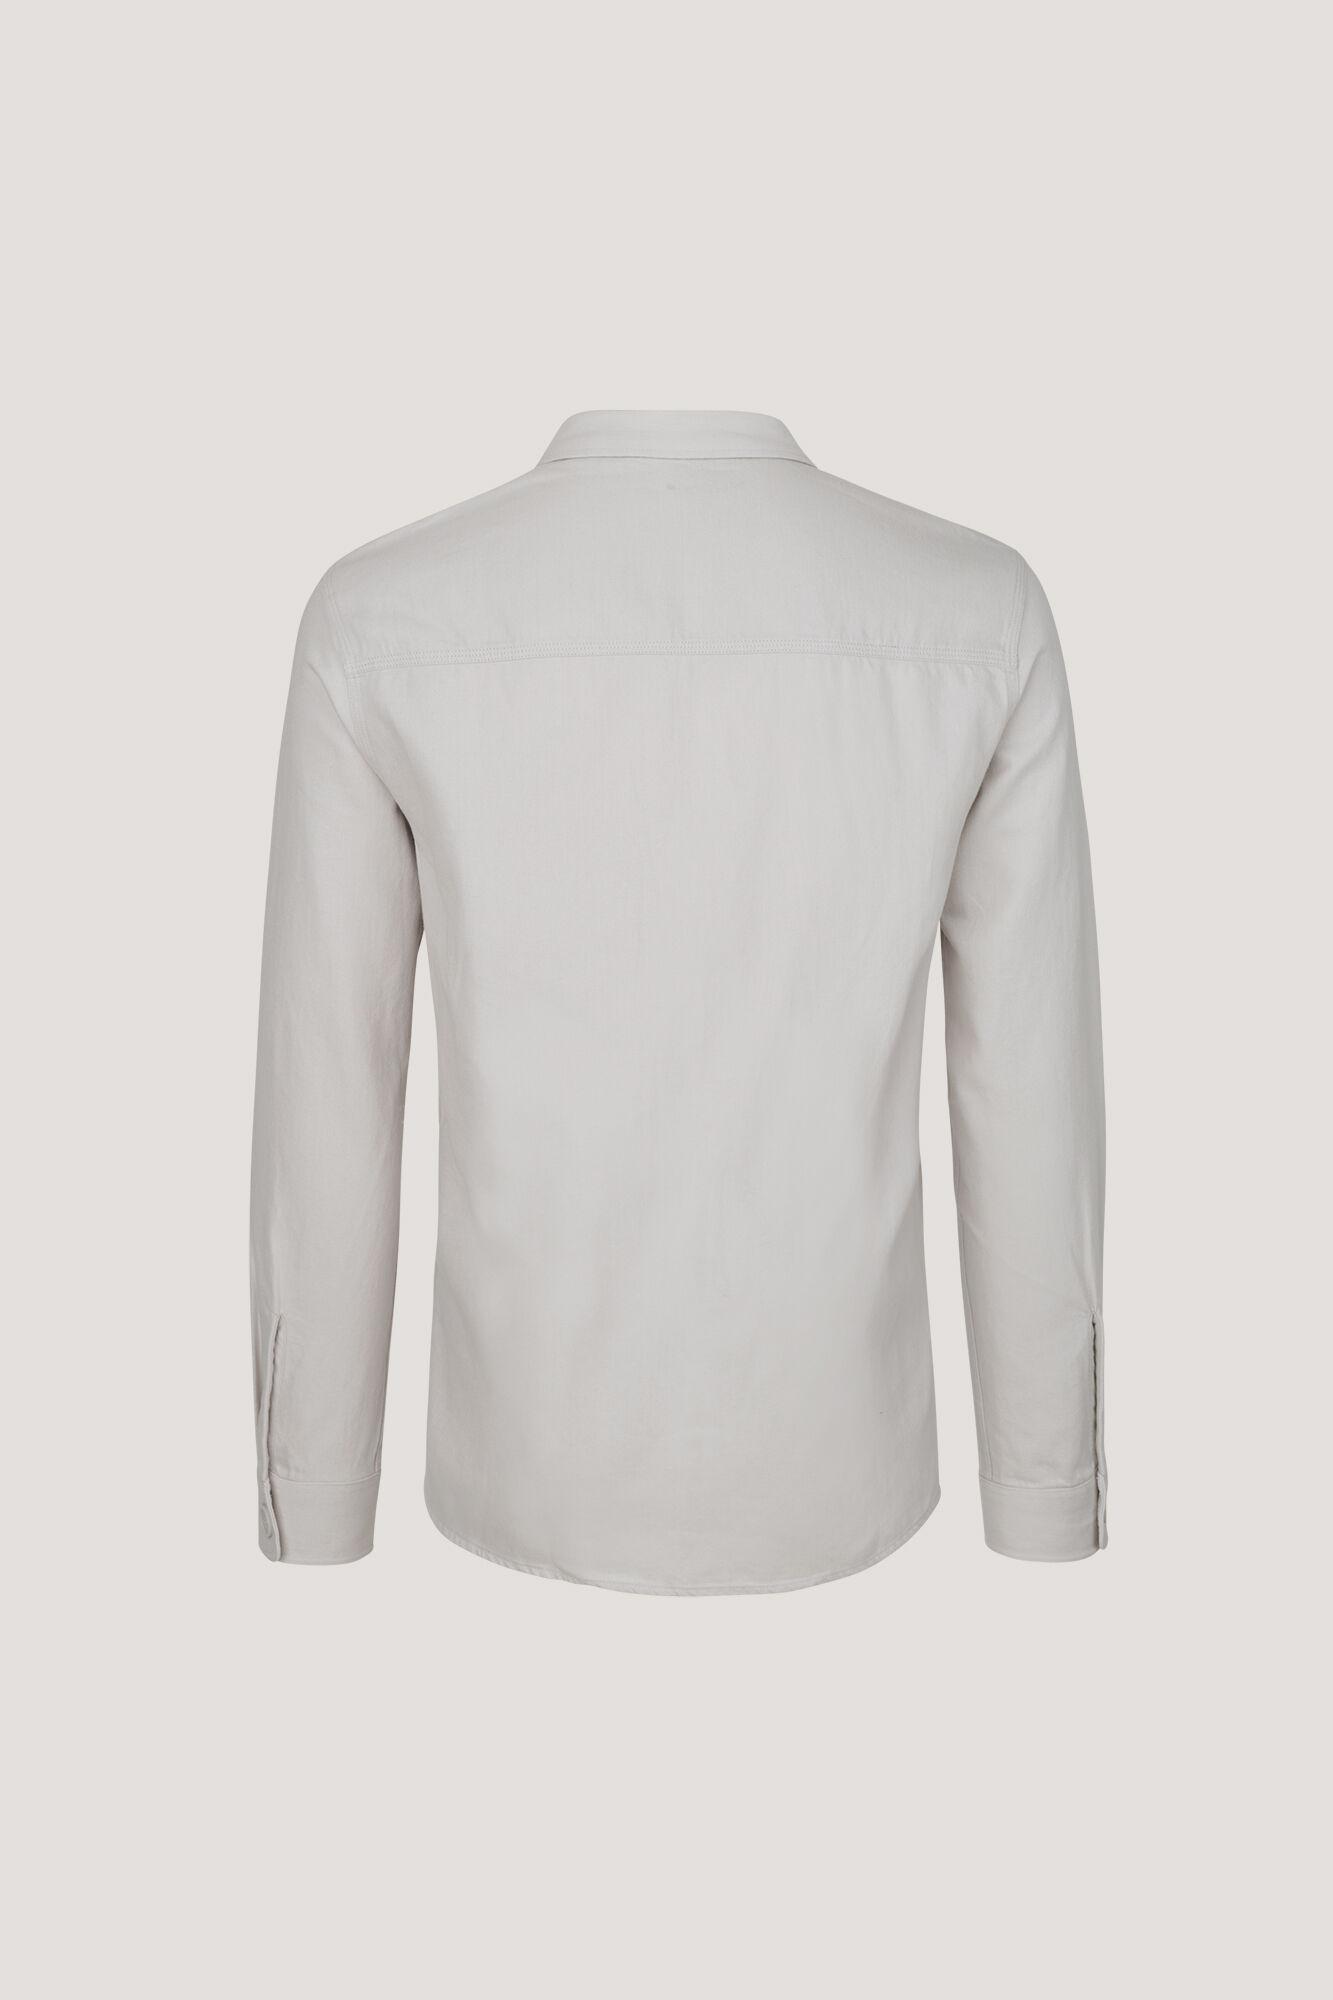 Whitman overshirt 10303